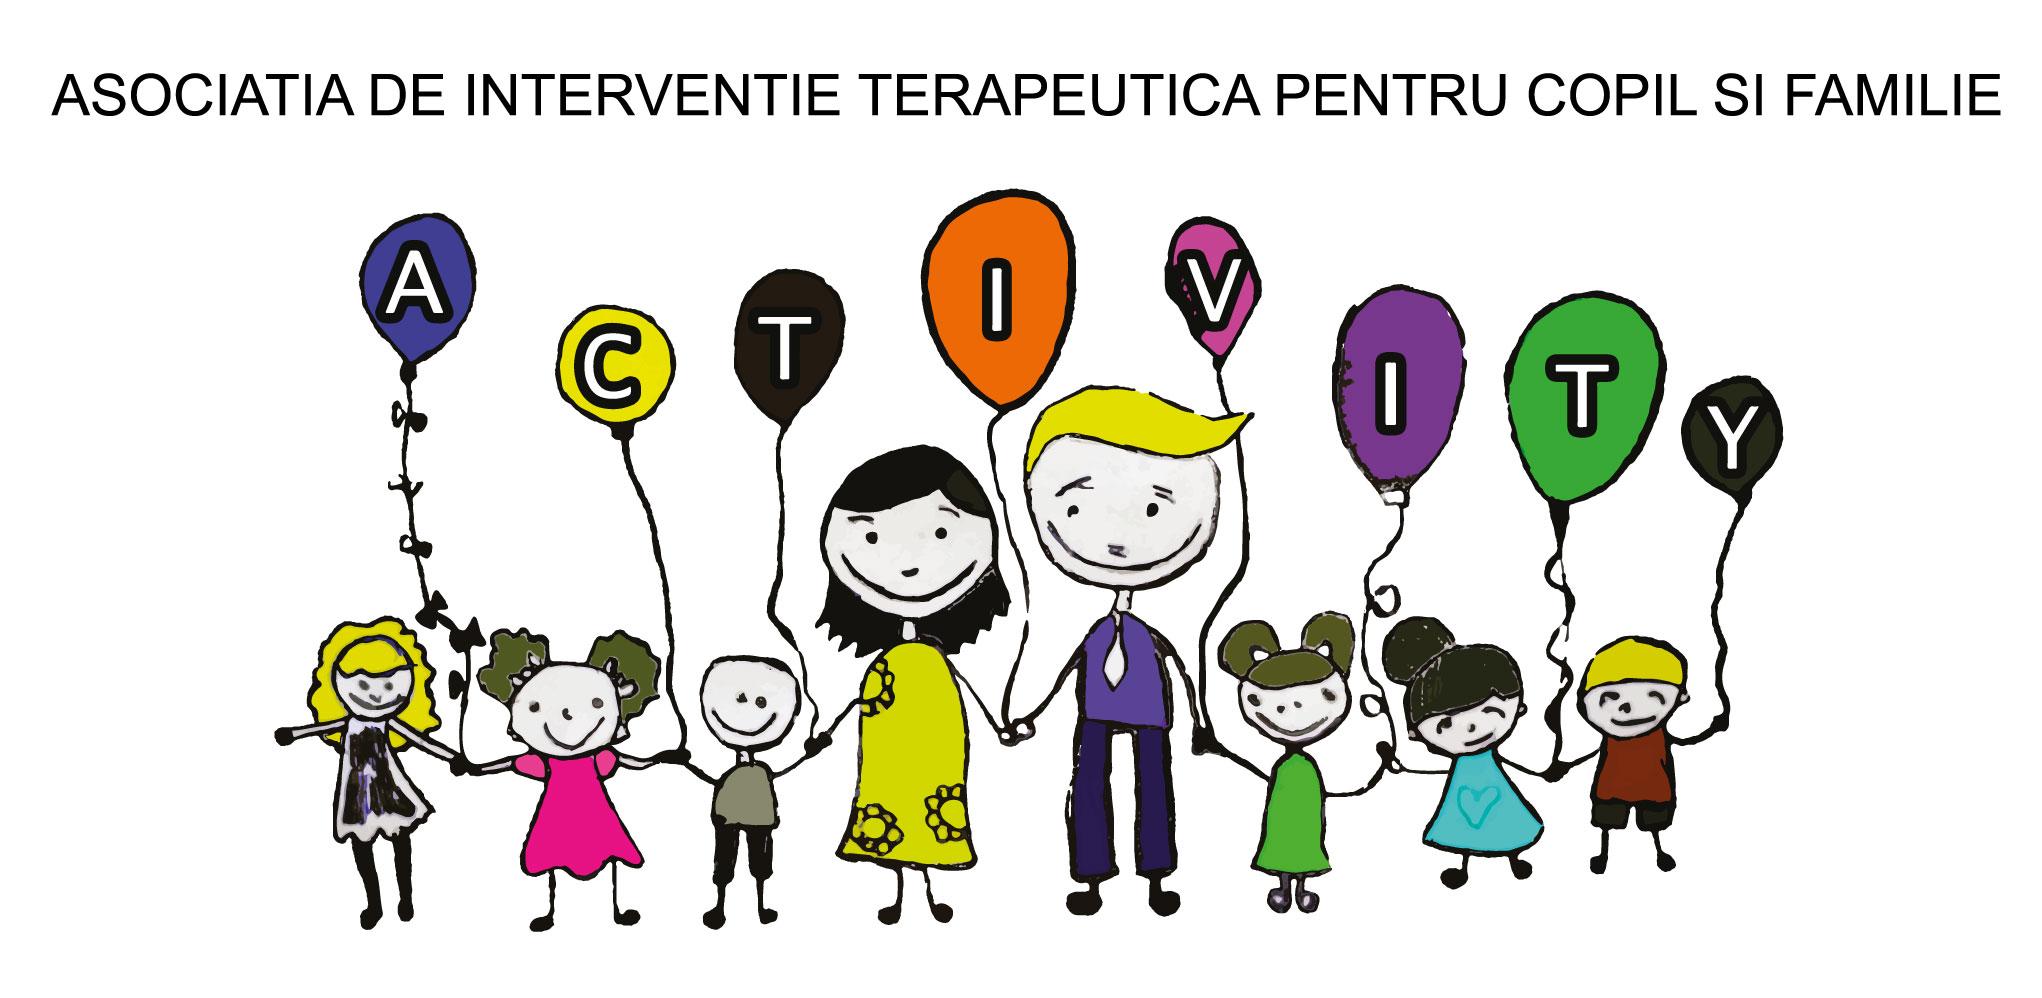 Asociația de Intervenție Terapeutică pentru Copil și Familie - Activity logo